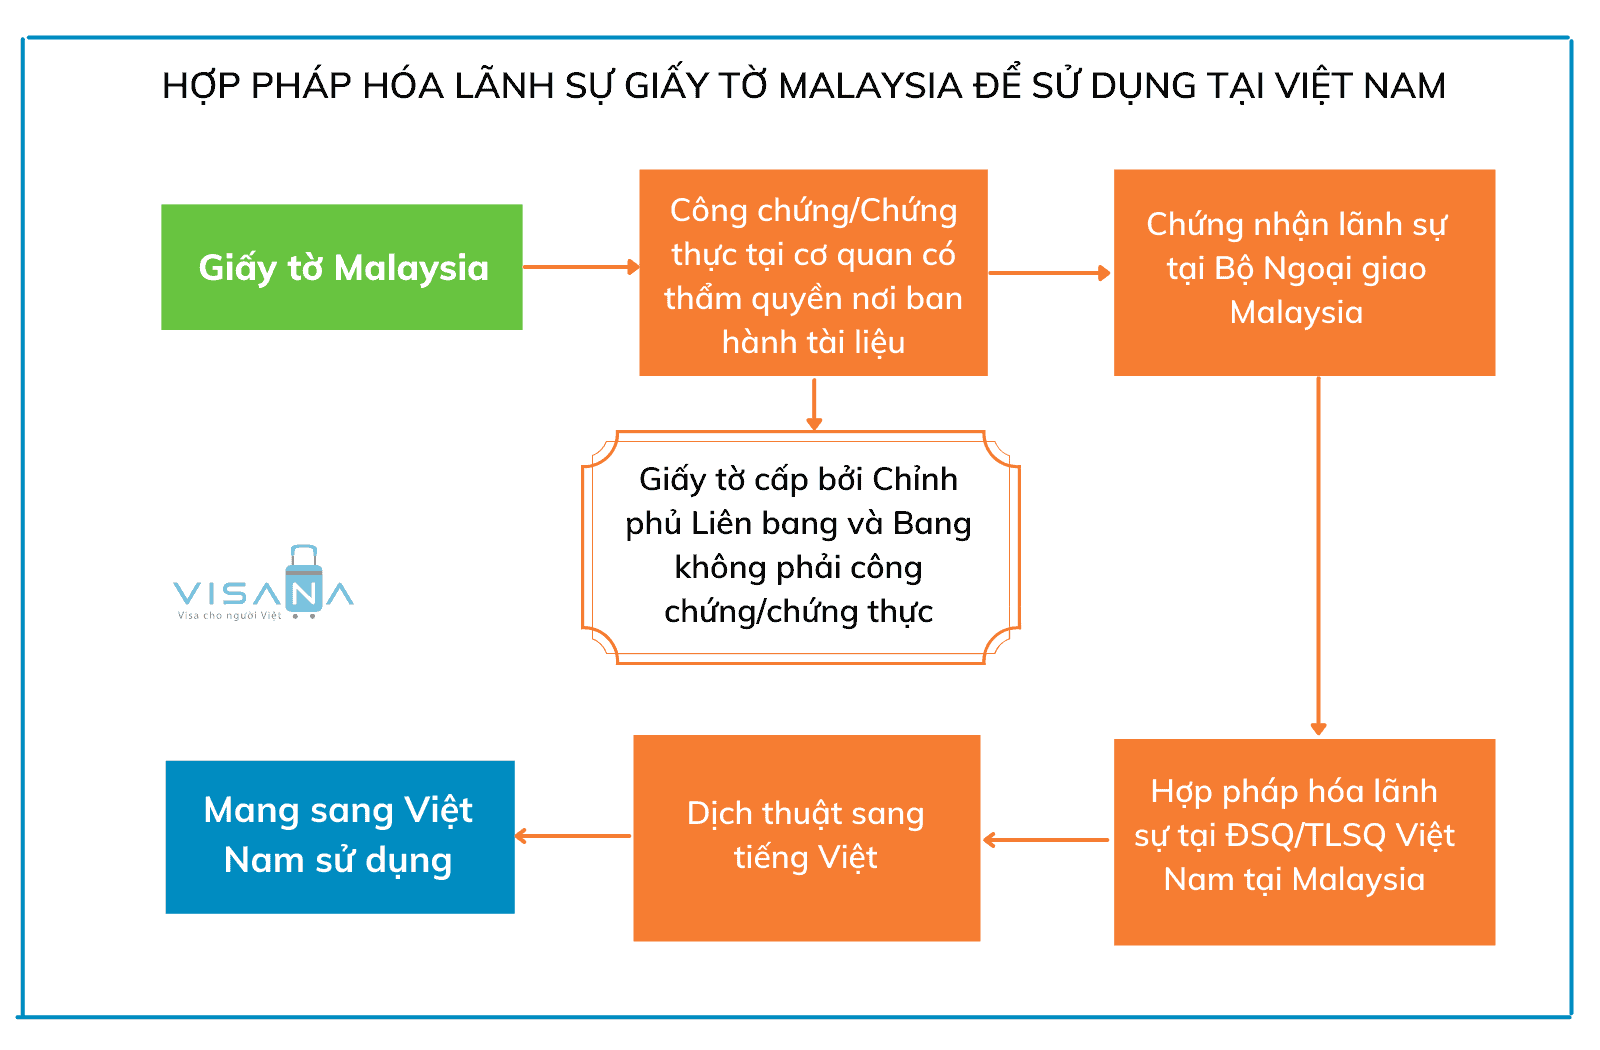 Trình tự thủ tục hợp pháp hóa lãnh sự giấy tờ Malaysia để sử dụng tại Việt Nam